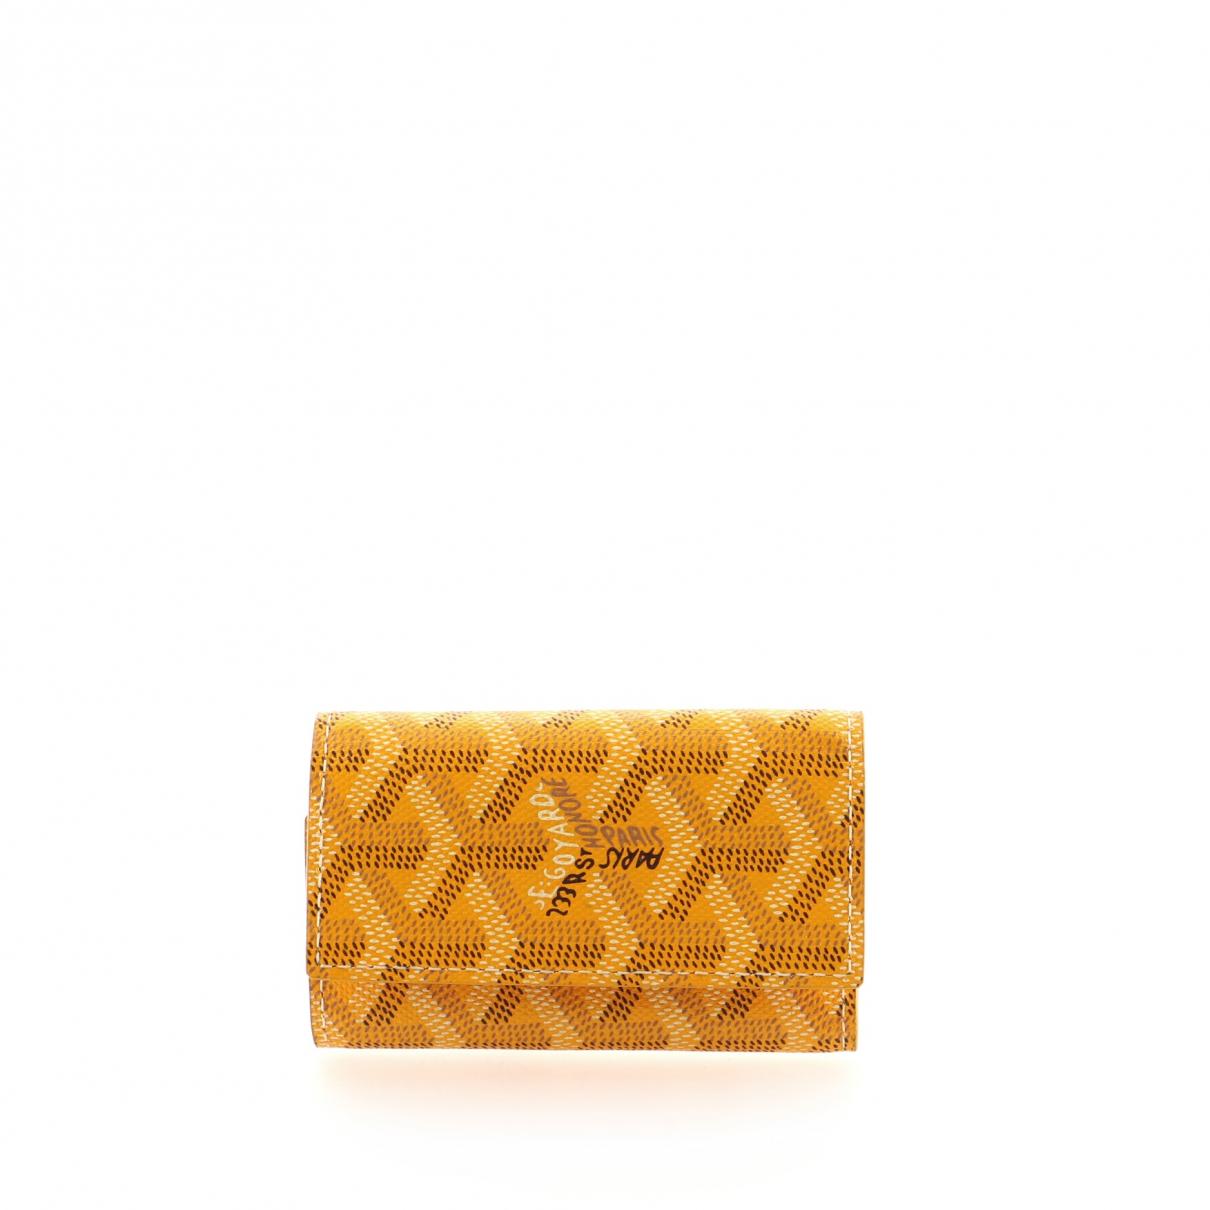 Goyard Leather key ring